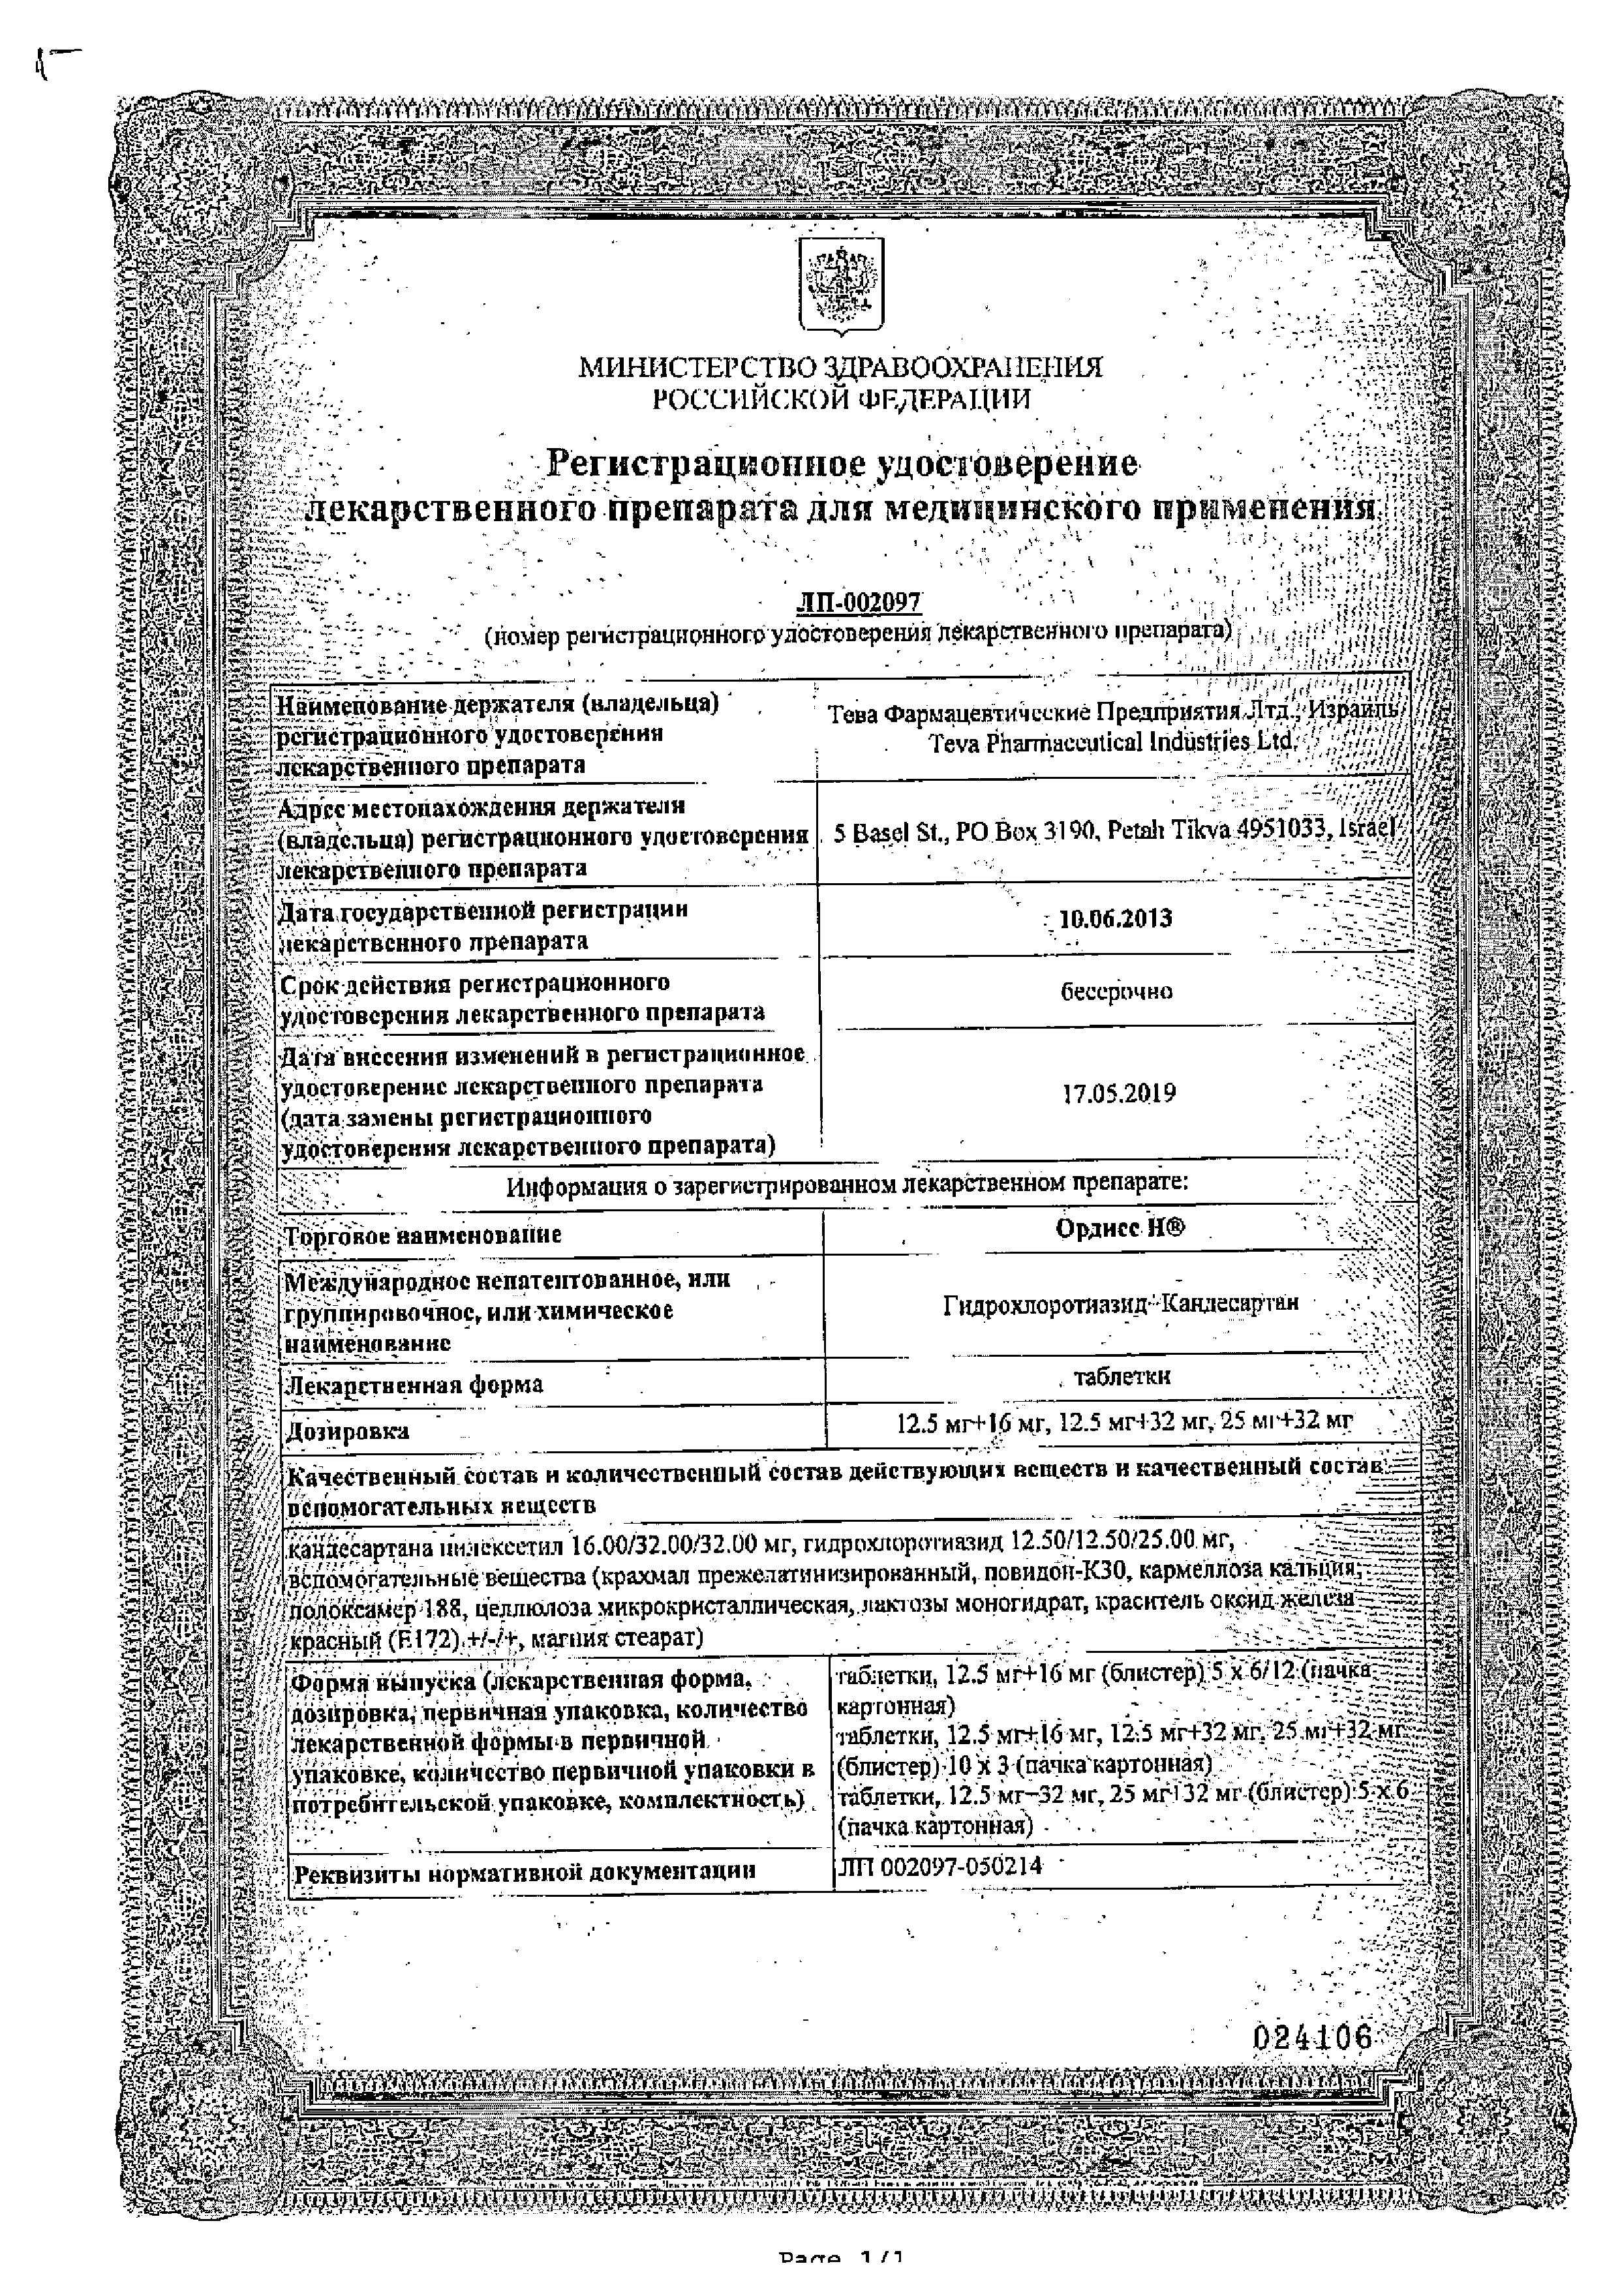 Ордисс Н сертификат